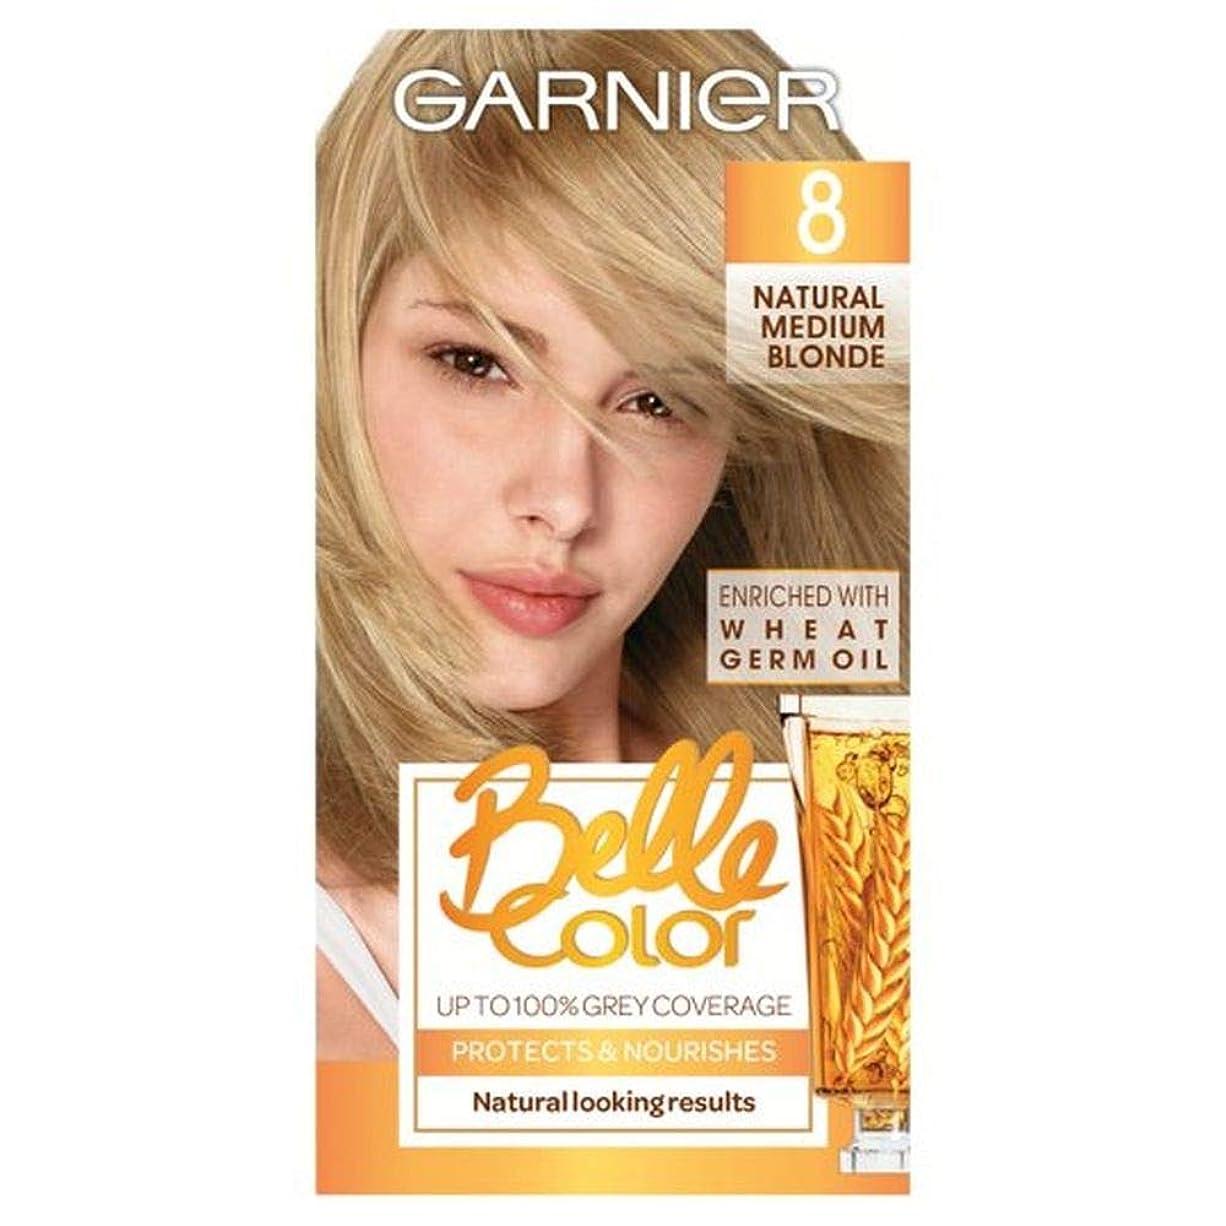 マーガレットミッチェル知っているに立ち寄る元気な[Belle Color ] ガーン/ベル/Clr 8天然培地ブロンドパーマネントヘアダイ - Garn/Bel/Clr 8 Natural Medium Blonde Permanent Hair Dye [並行輸入品]